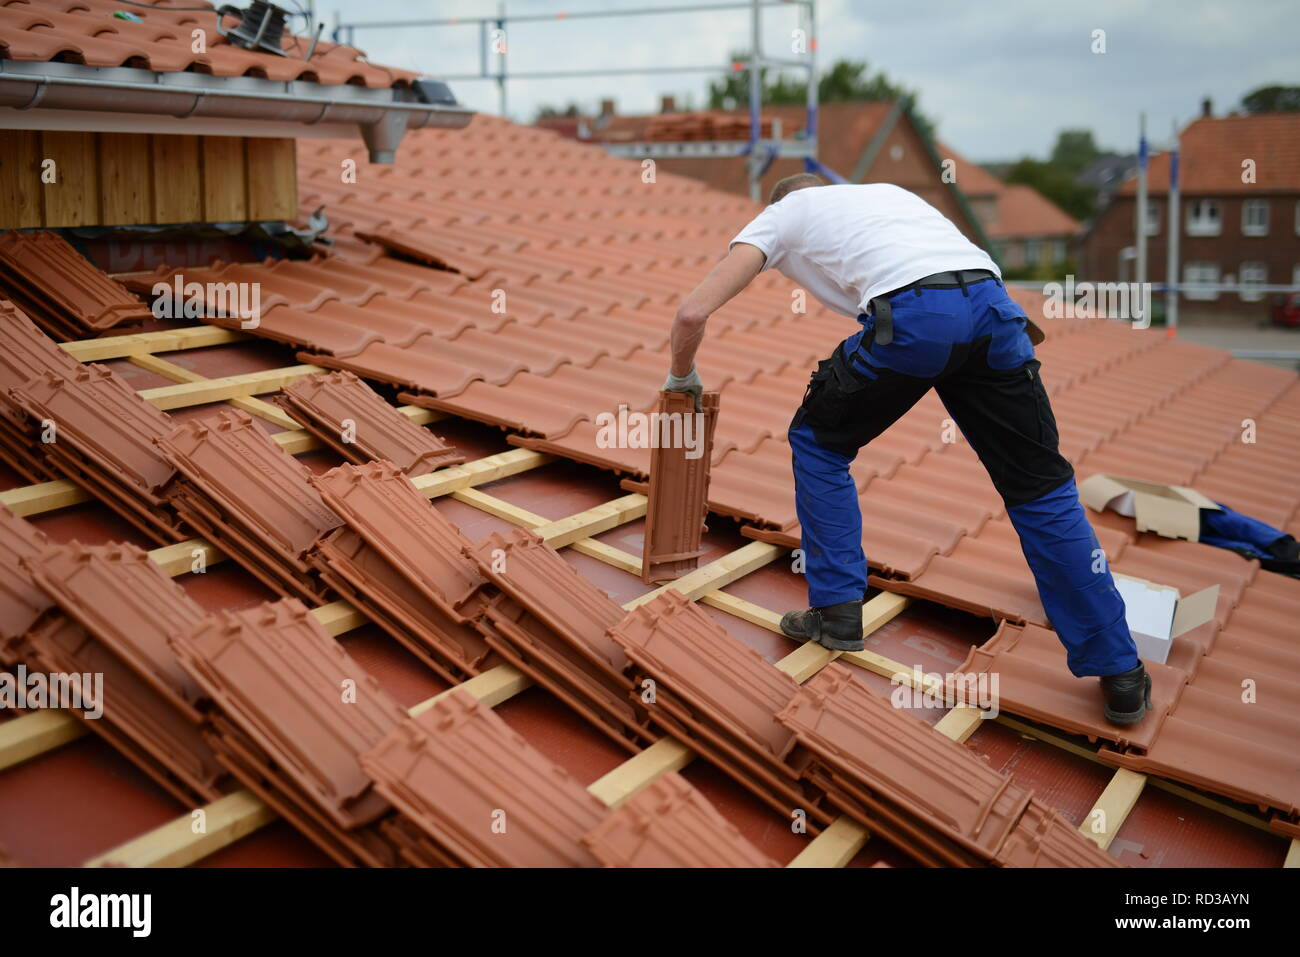 Dach Baustelle neu mit roten Dachziegeln. Dachdecker Bauarbeiter in weißem T-Shirt und Arbeitshandschuhen in Deutschland. Mann bei der Arbeit. - Stock Image